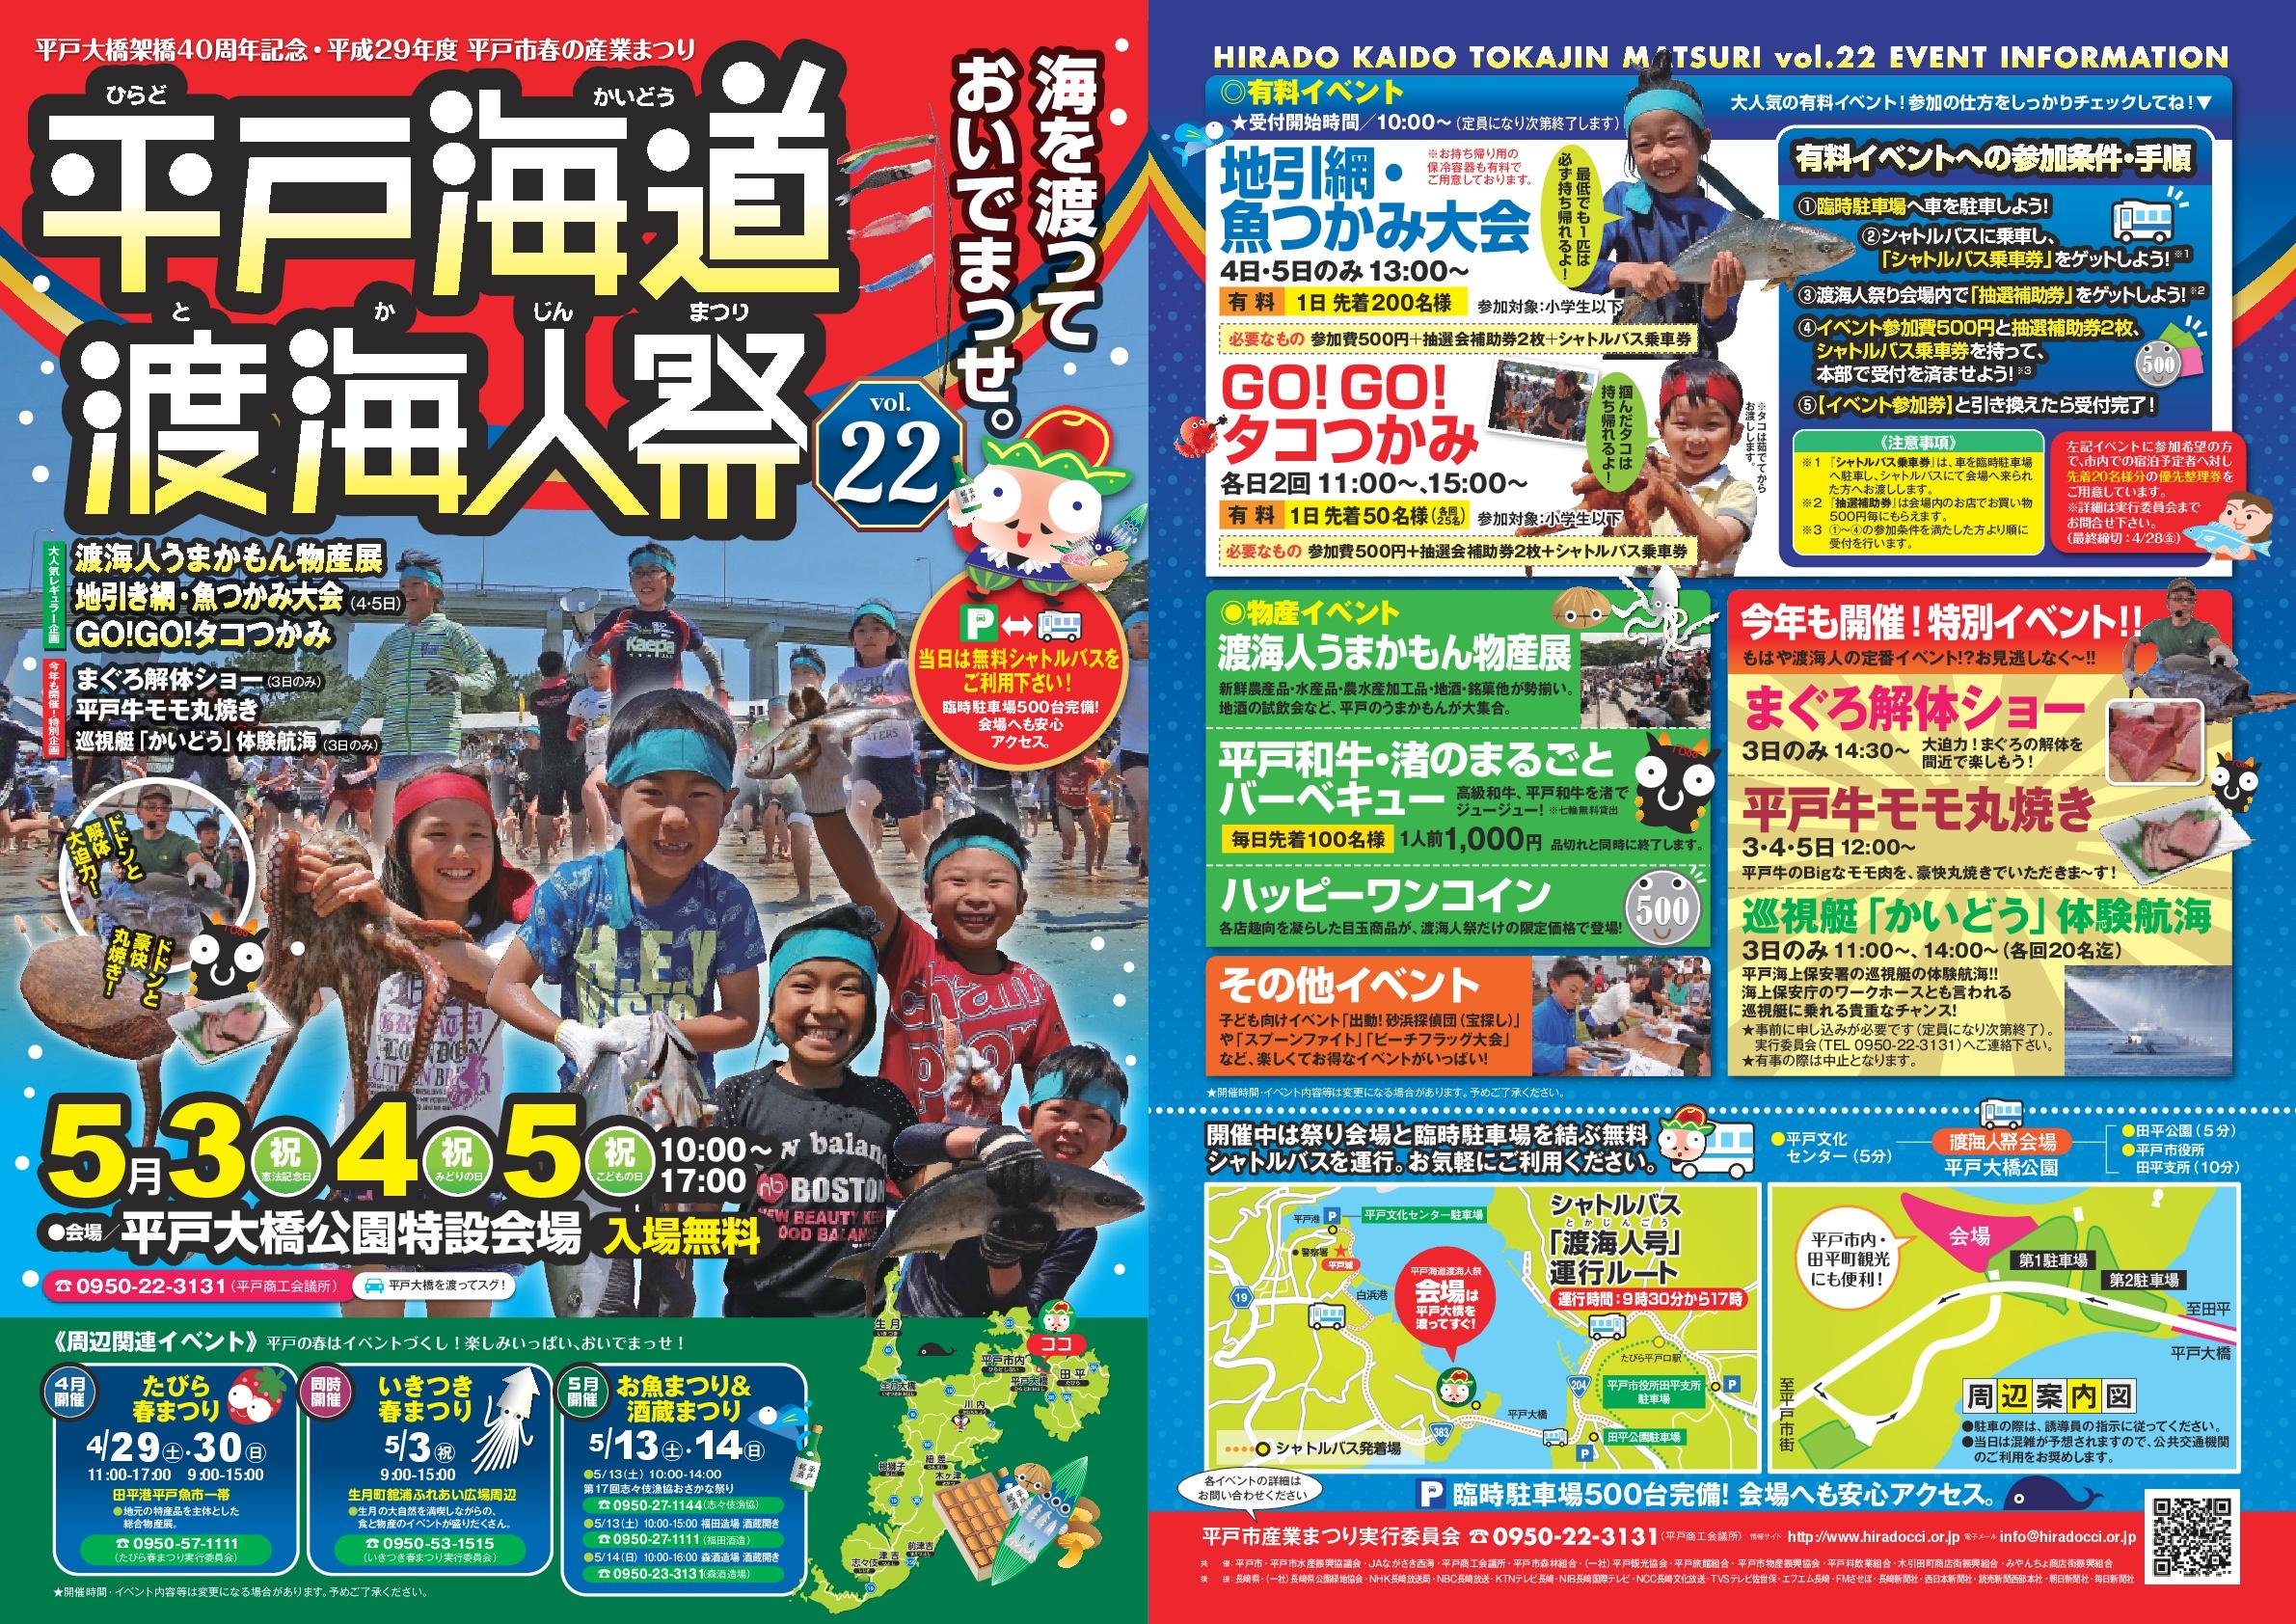 第22回平戸海道渡海人(とかじん)祭り開催!